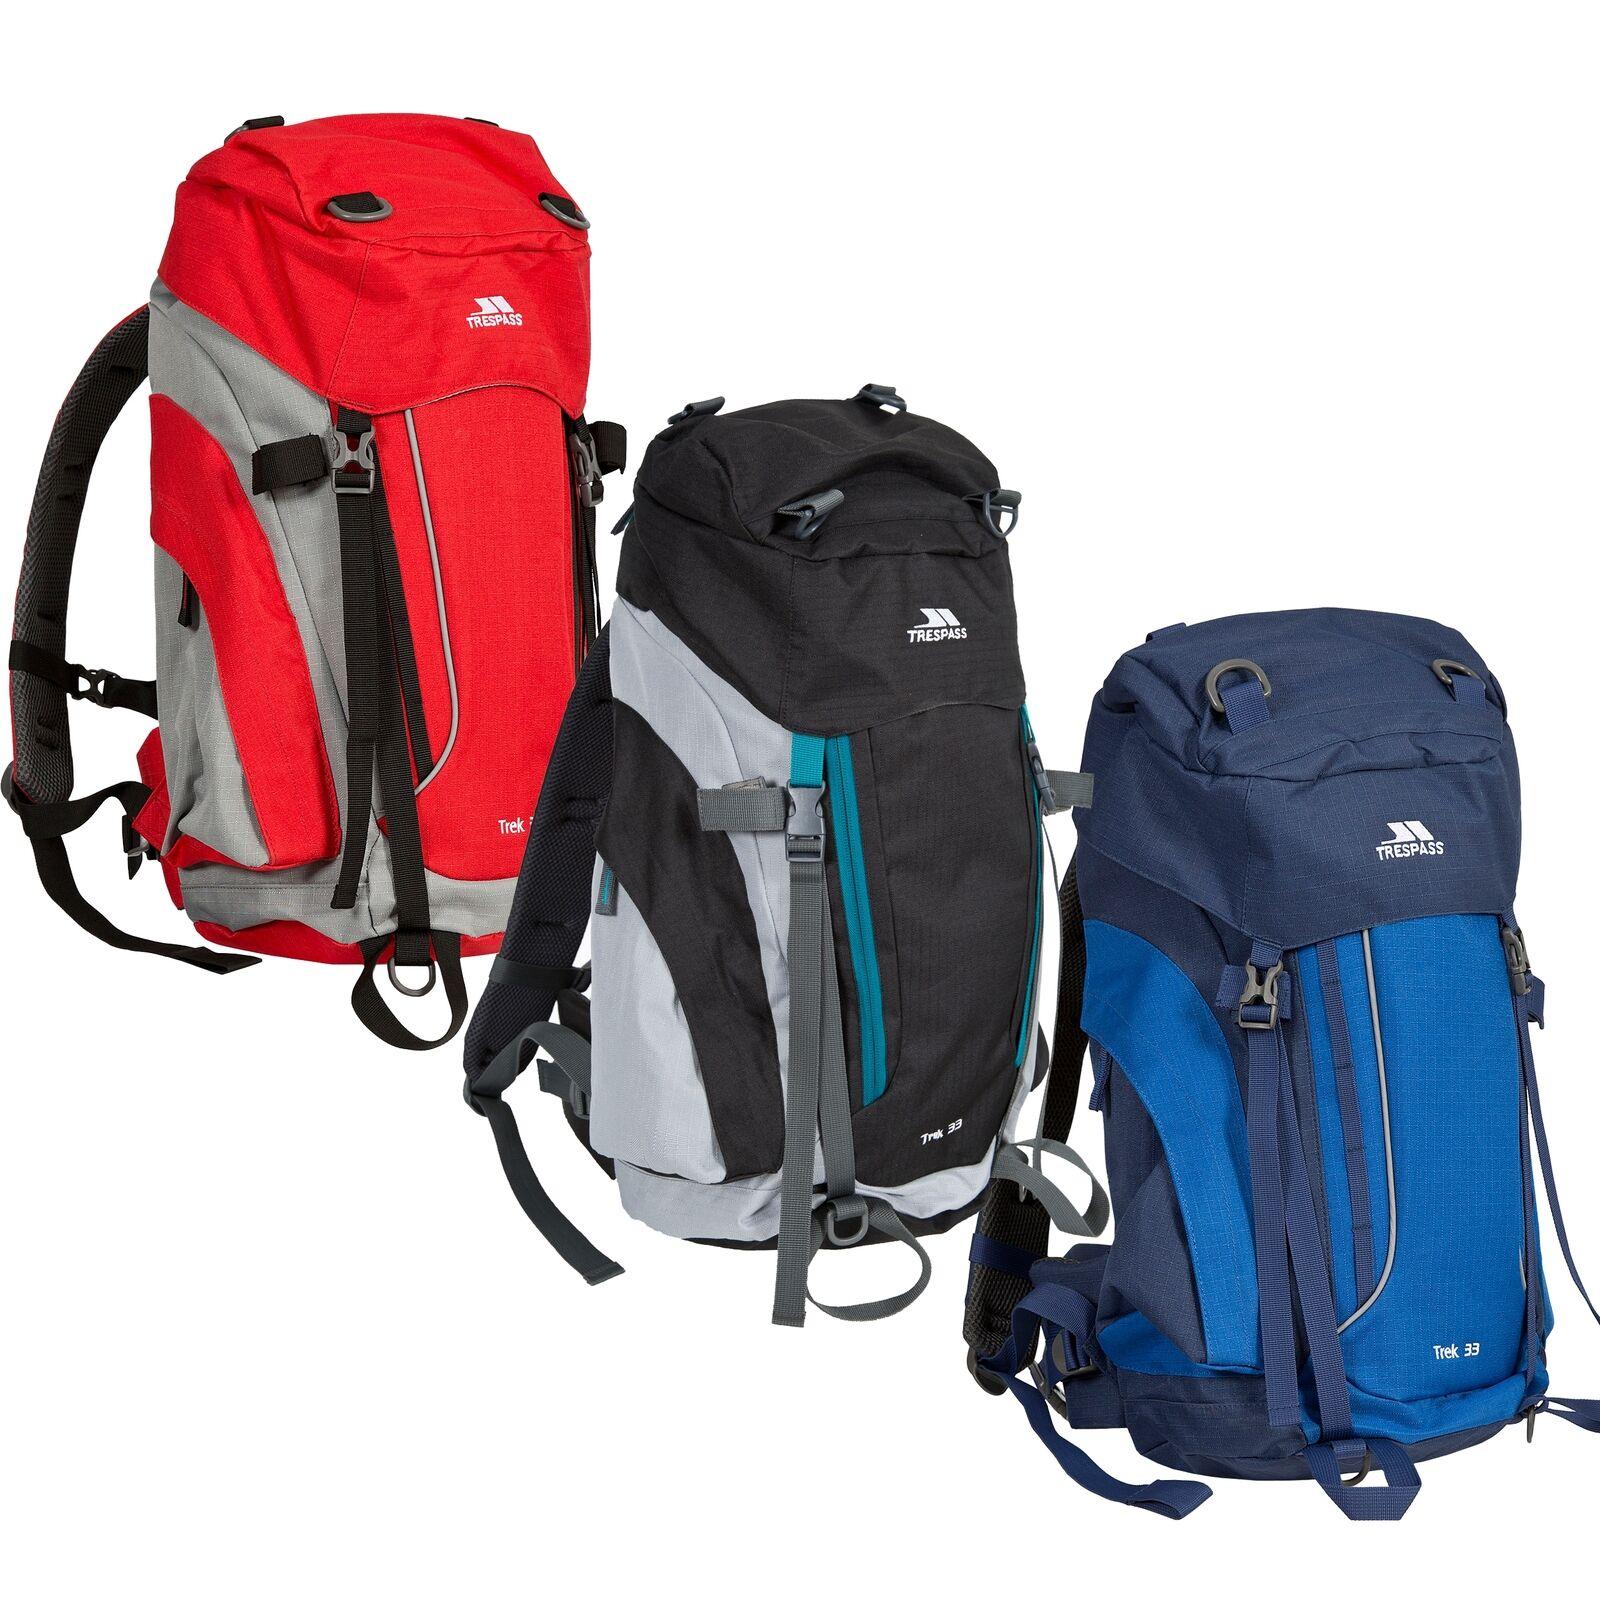 Trespass Trek 33 Litre Rucksack Hiking Travel Backpack